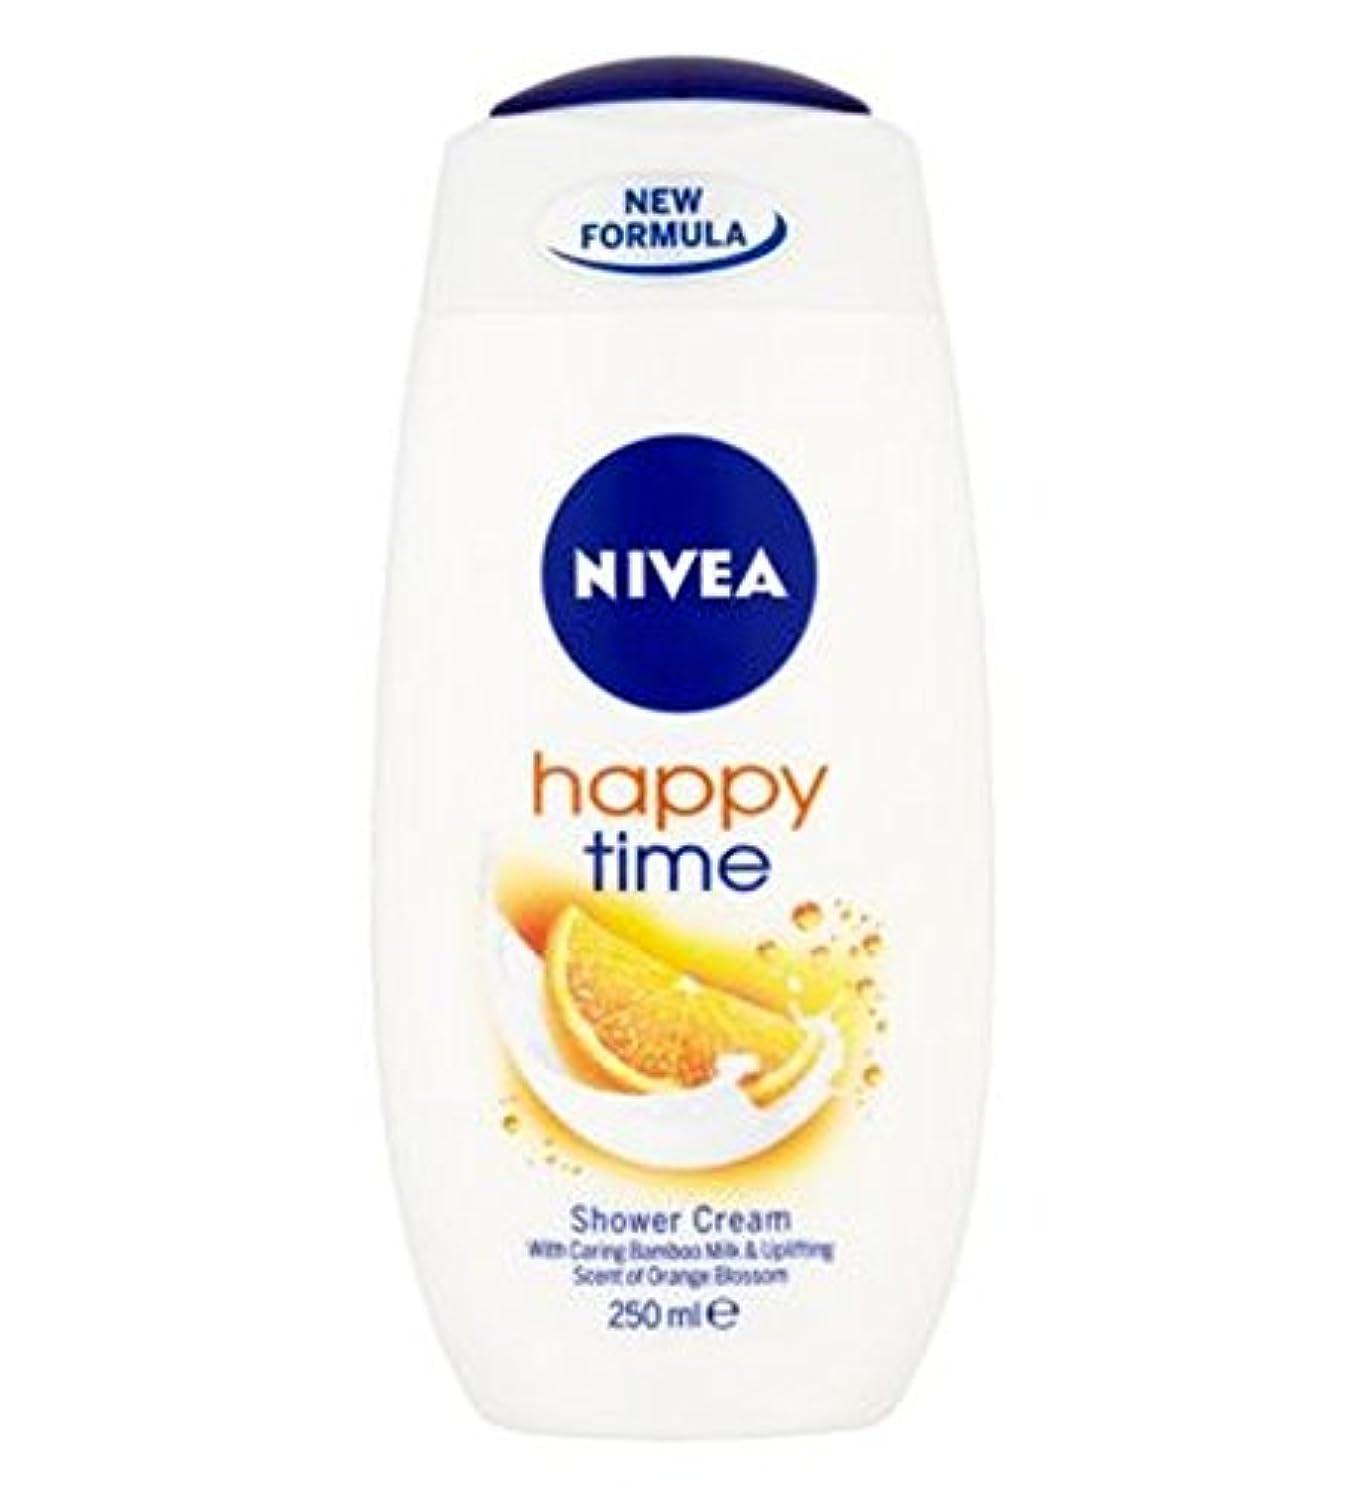 実験室ドリル調査NIVEA Happy Time Shower Cream 250ml - ニベア幸せな時間シャワークリーム250ミリリットル (Nivea) [並行輸入品]